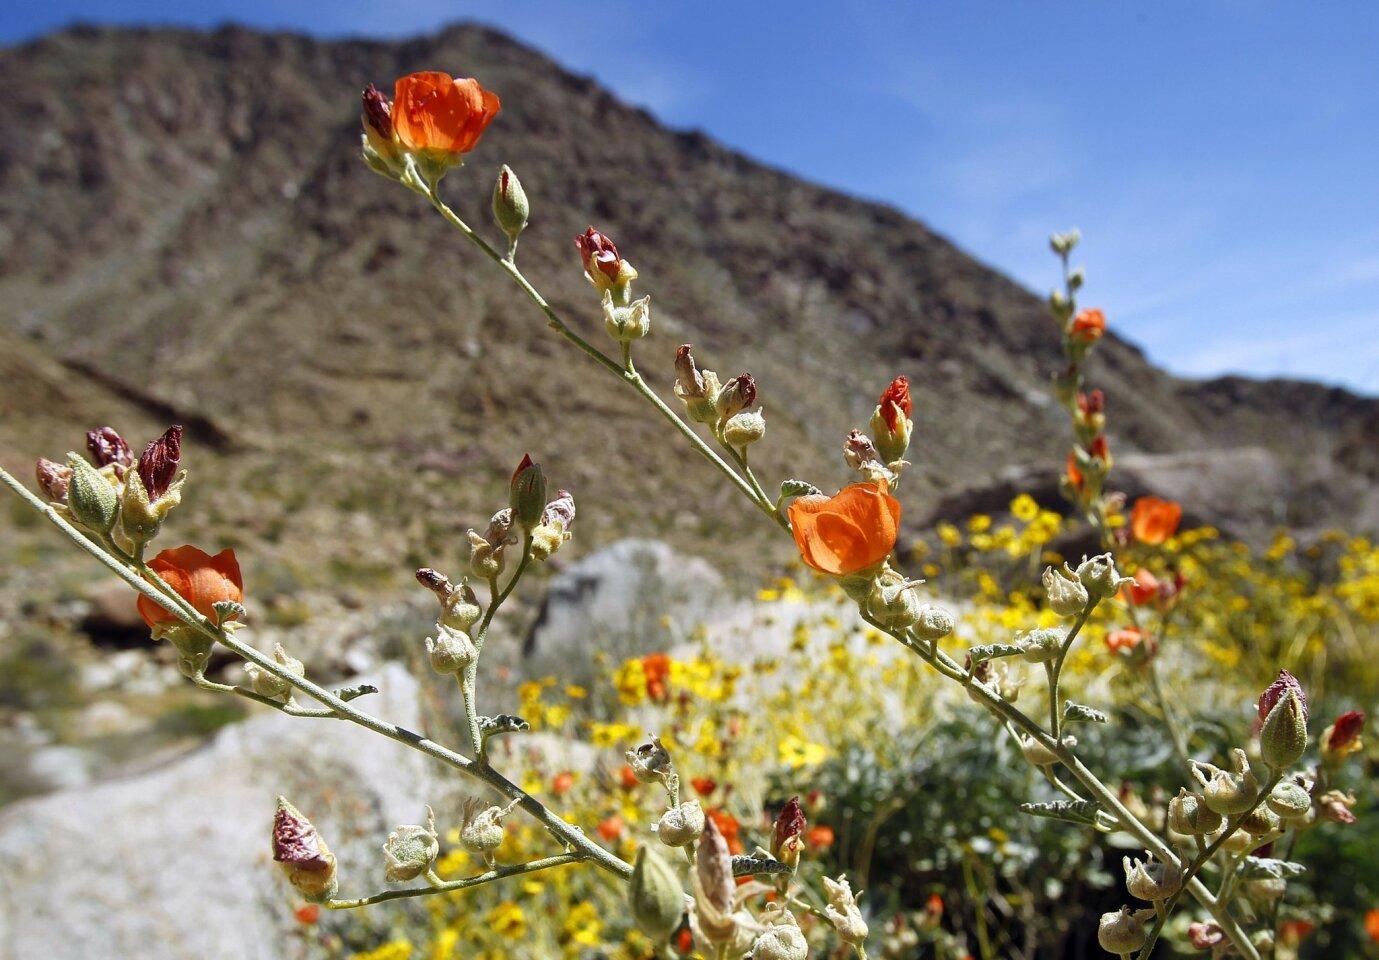 Desert wildflowers in bloom